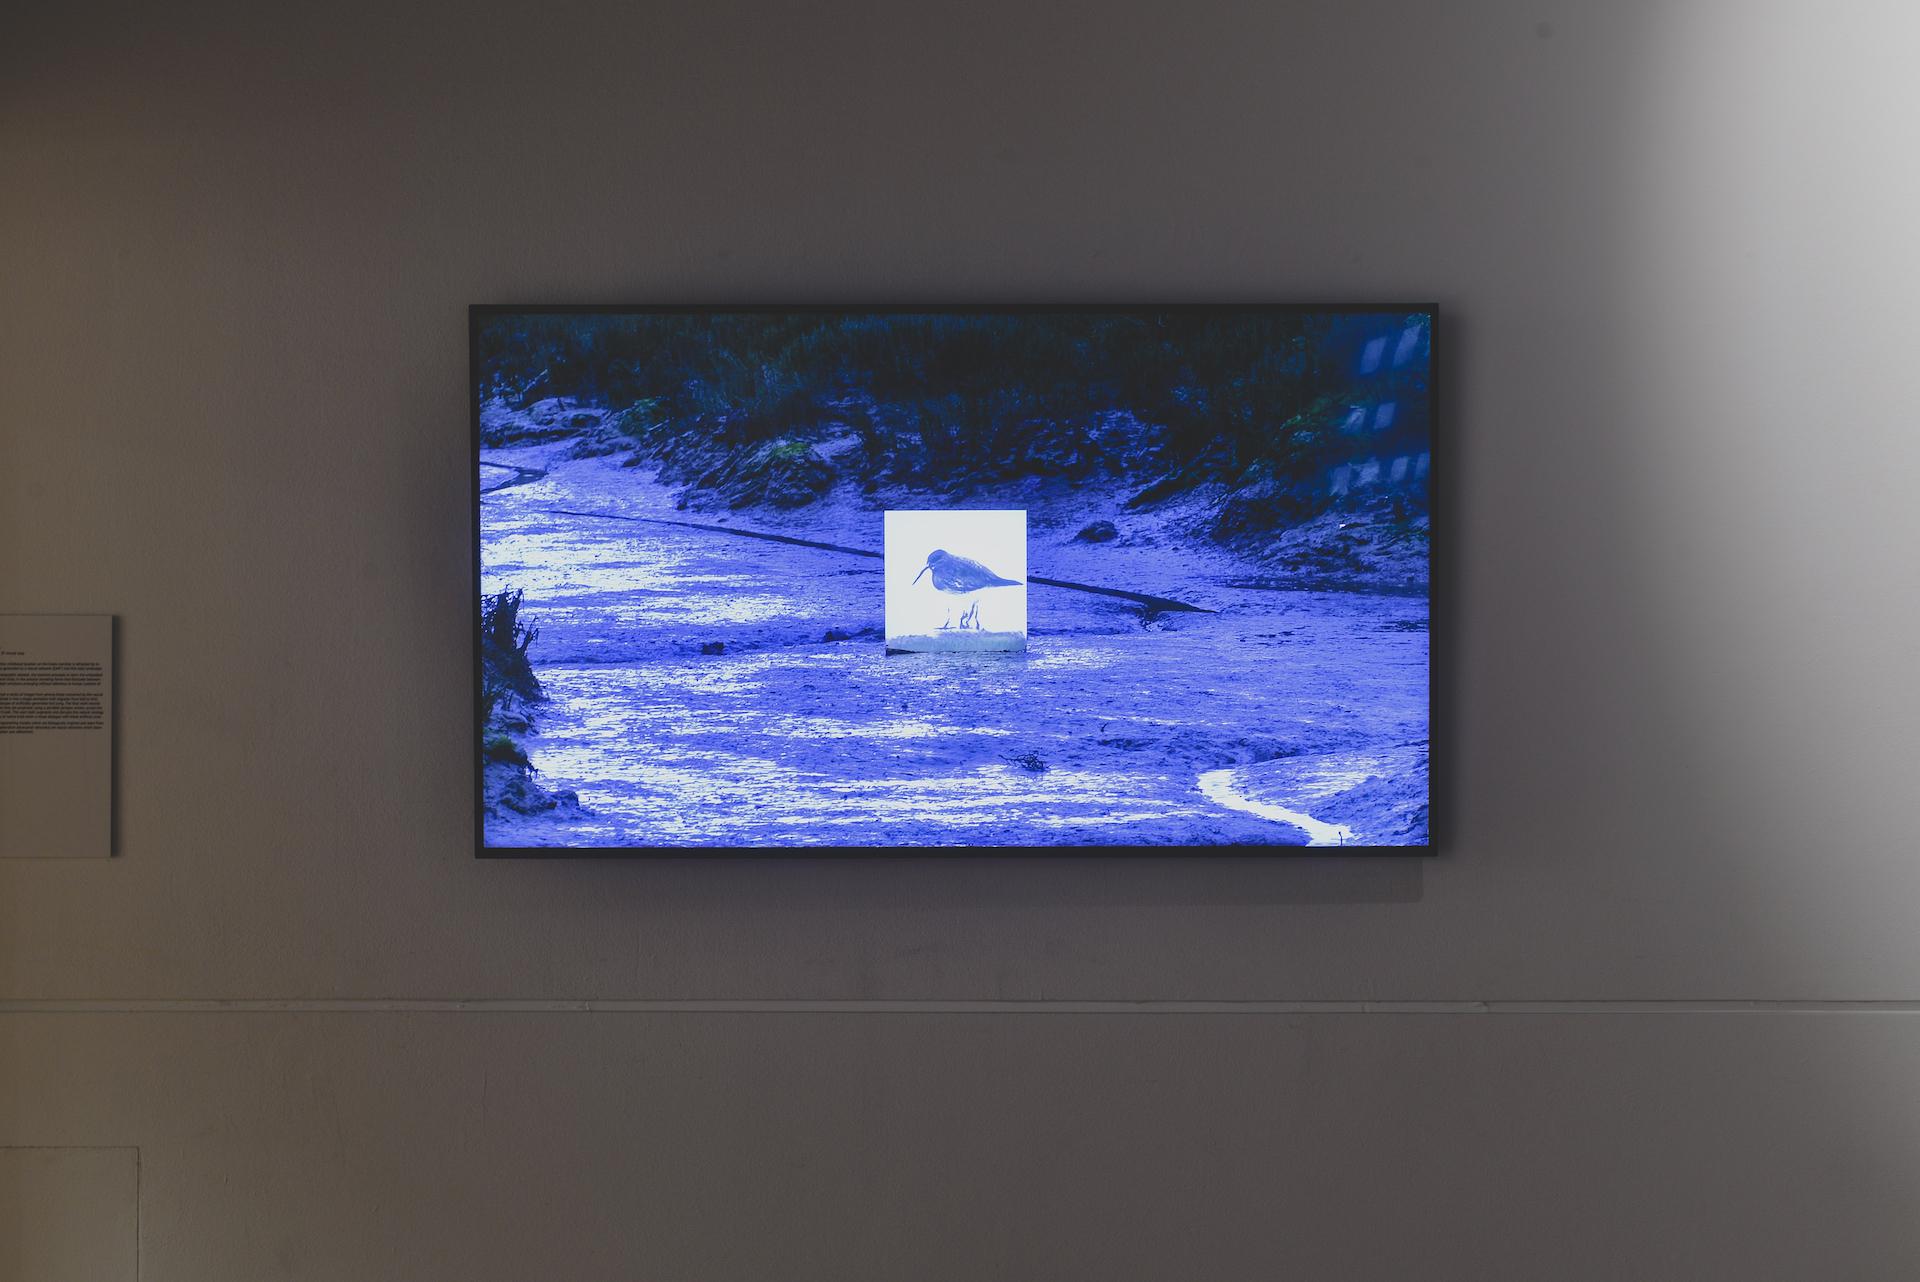 Venezia, 17/05/19 – mostra ID. ART:TECH allo spazio espositivo CFZ di Venezia